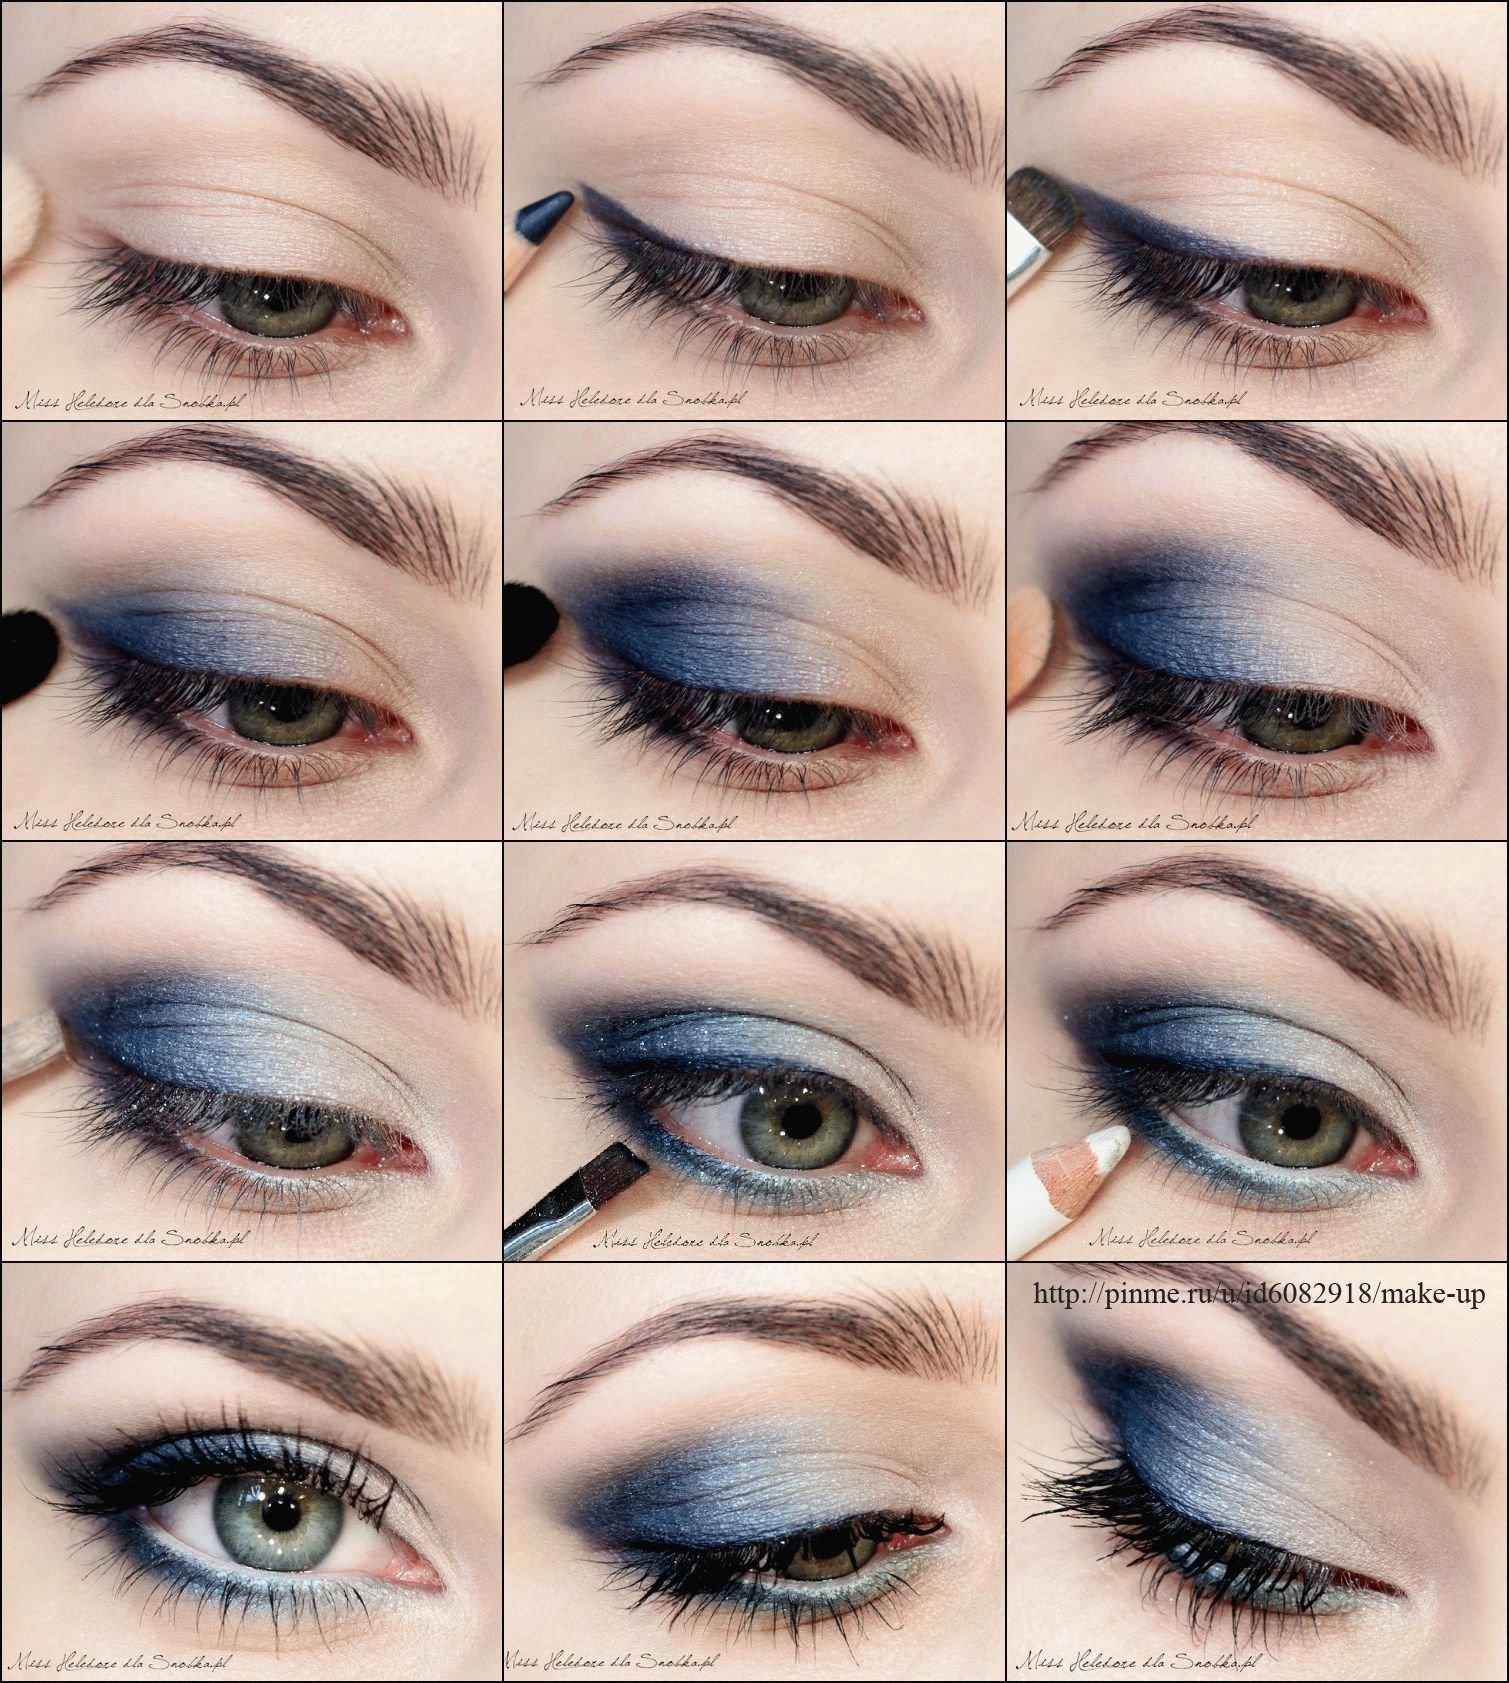 хочу пошаговые картинки макияжа глаз конечно